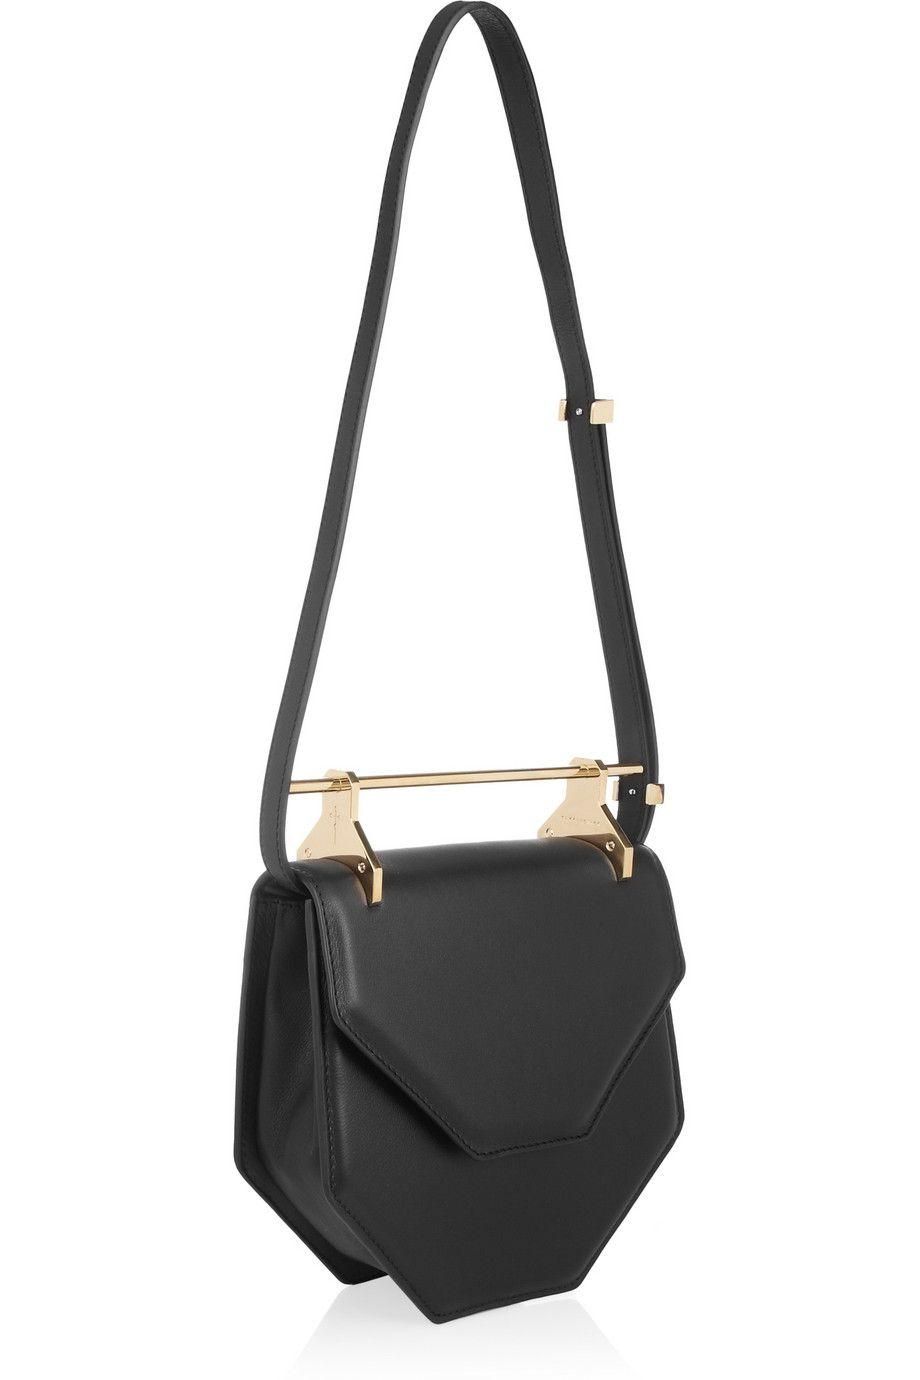 M2Malletier Amor Fati leather shoulder bag NET-A-PORTER.COM